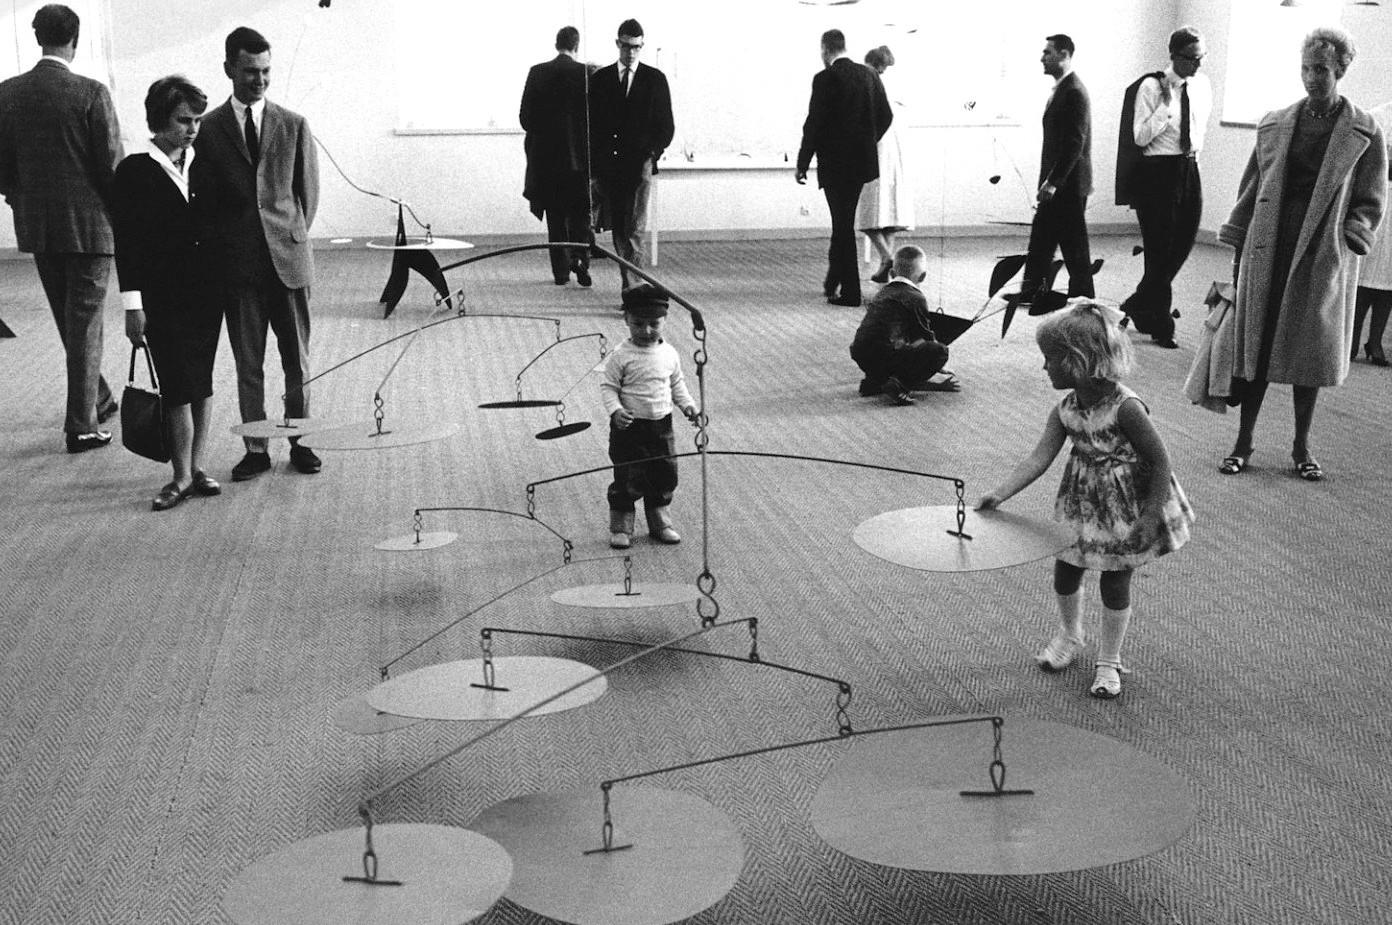 Hur kompatibla ska museer vara? Och utställningar? Och konst?